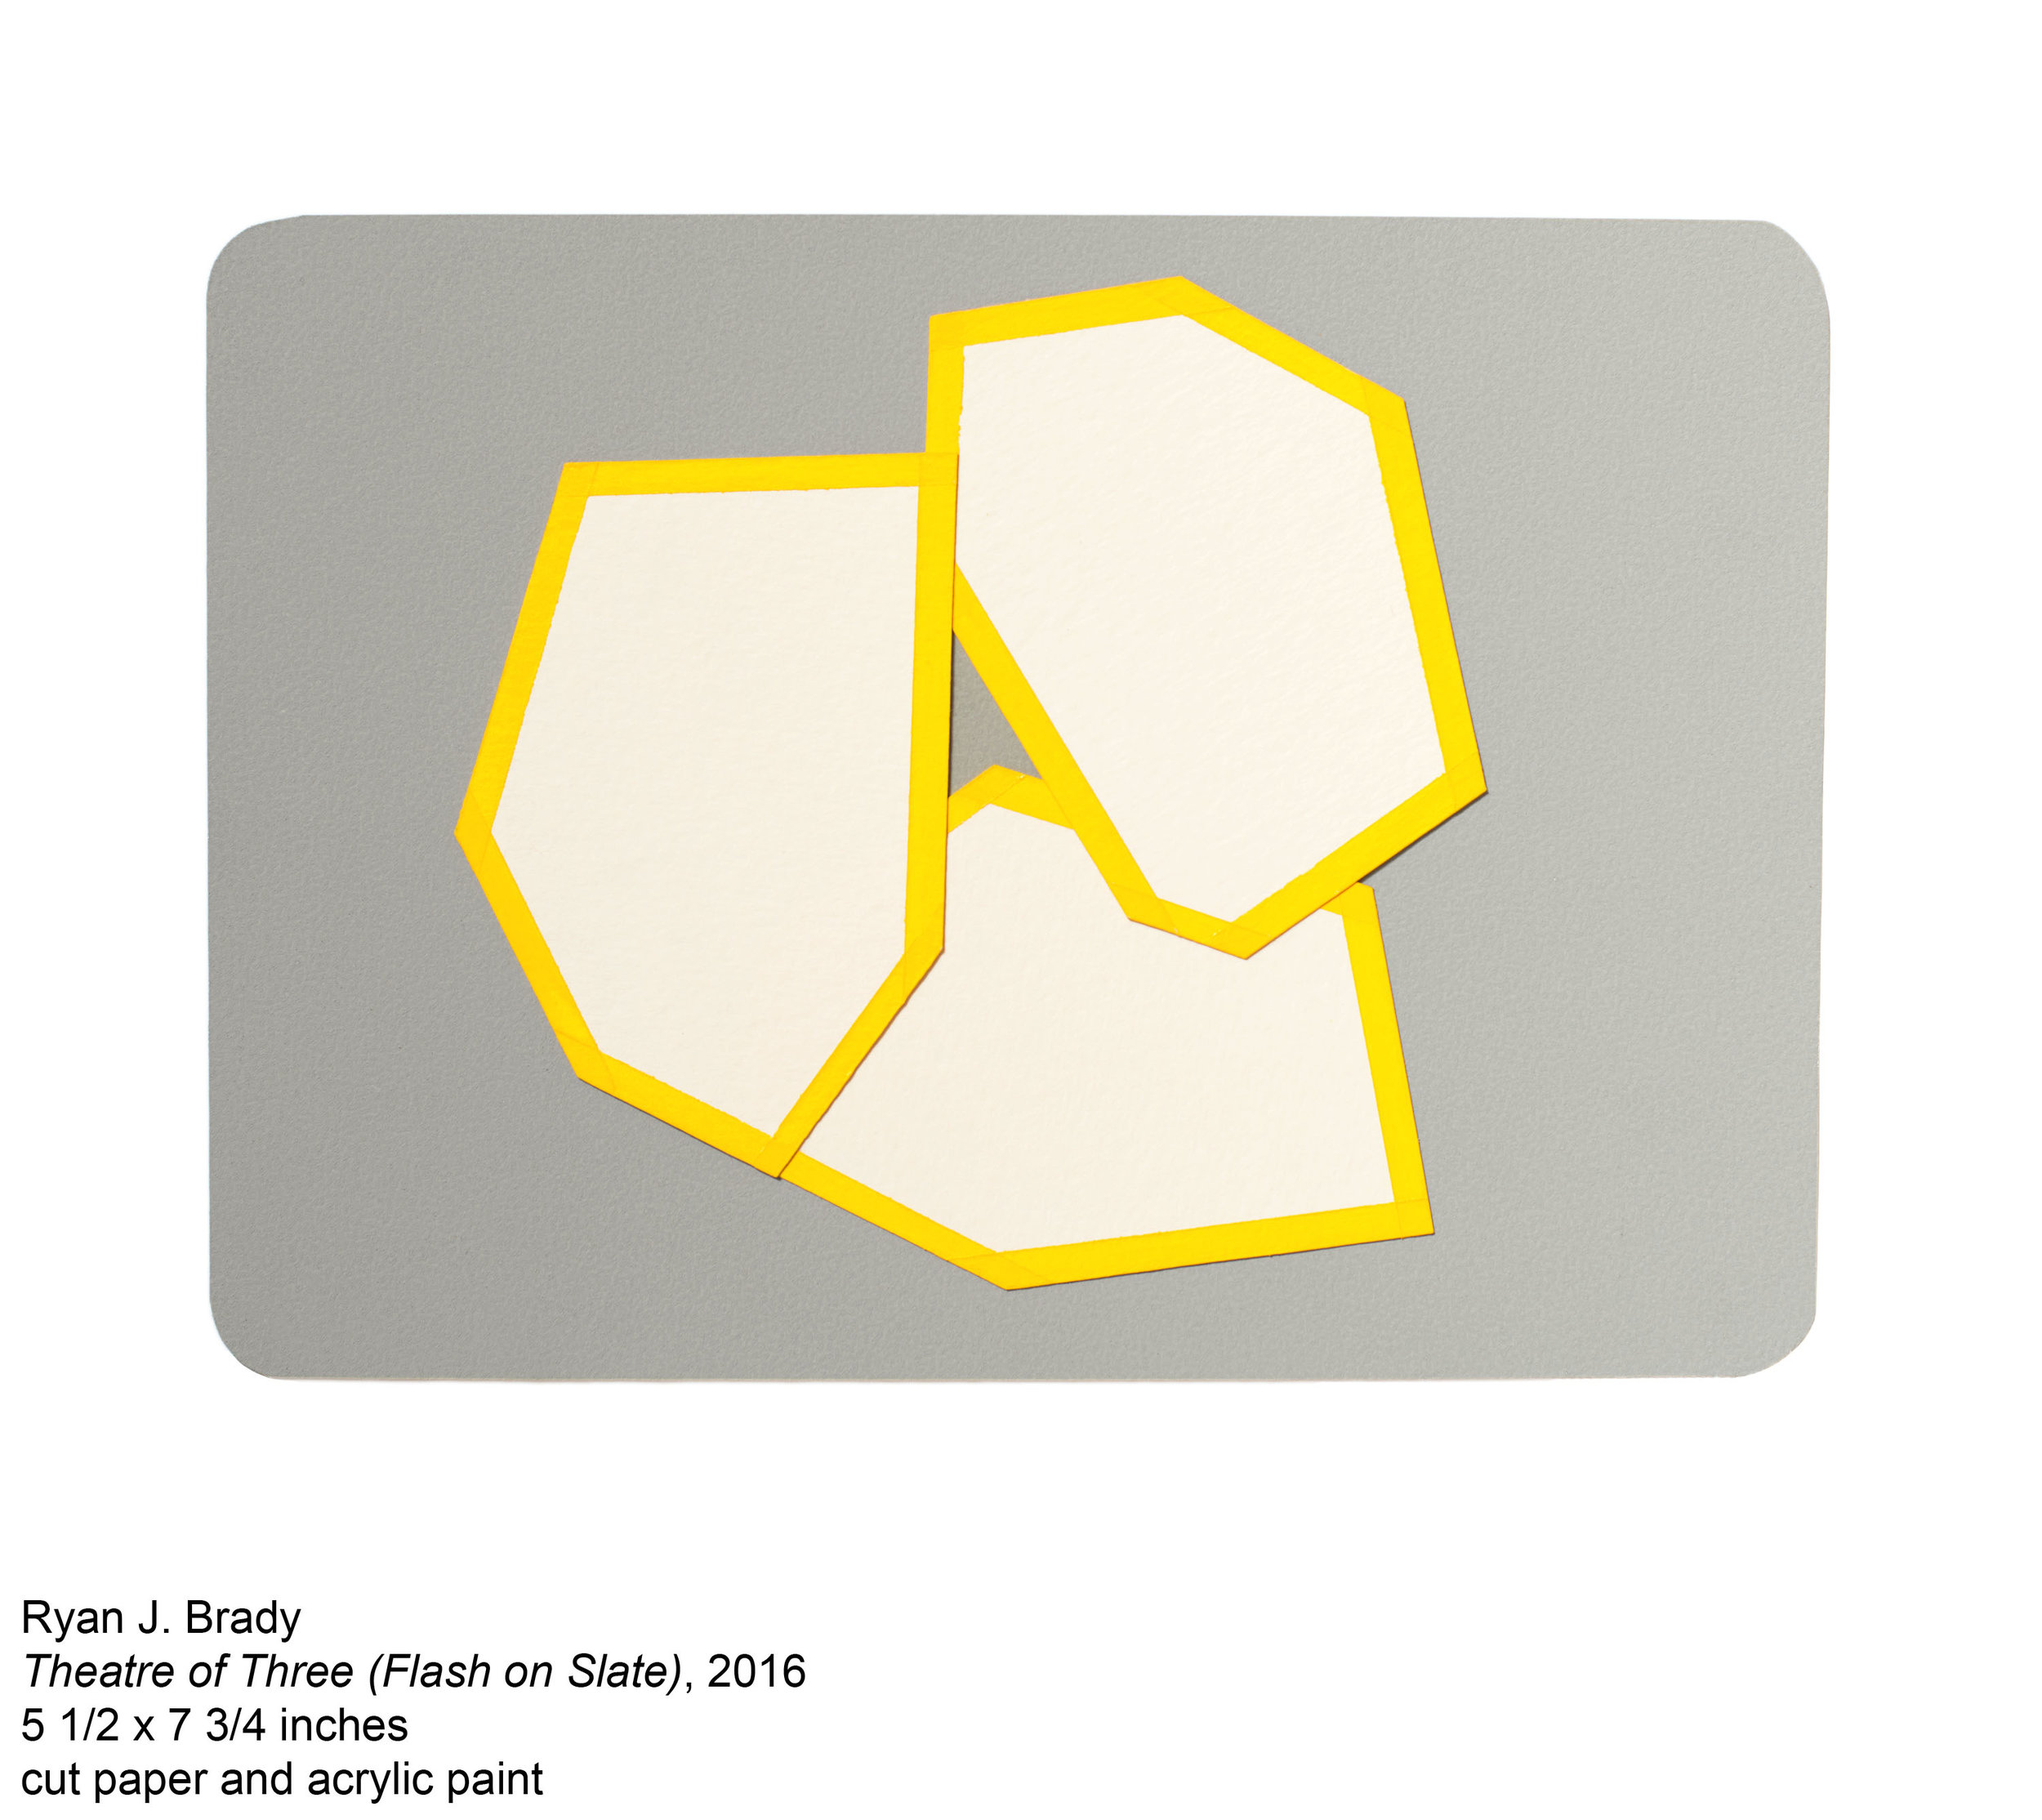 RB 001 Theatre of Three (Flash on Slate).jpg